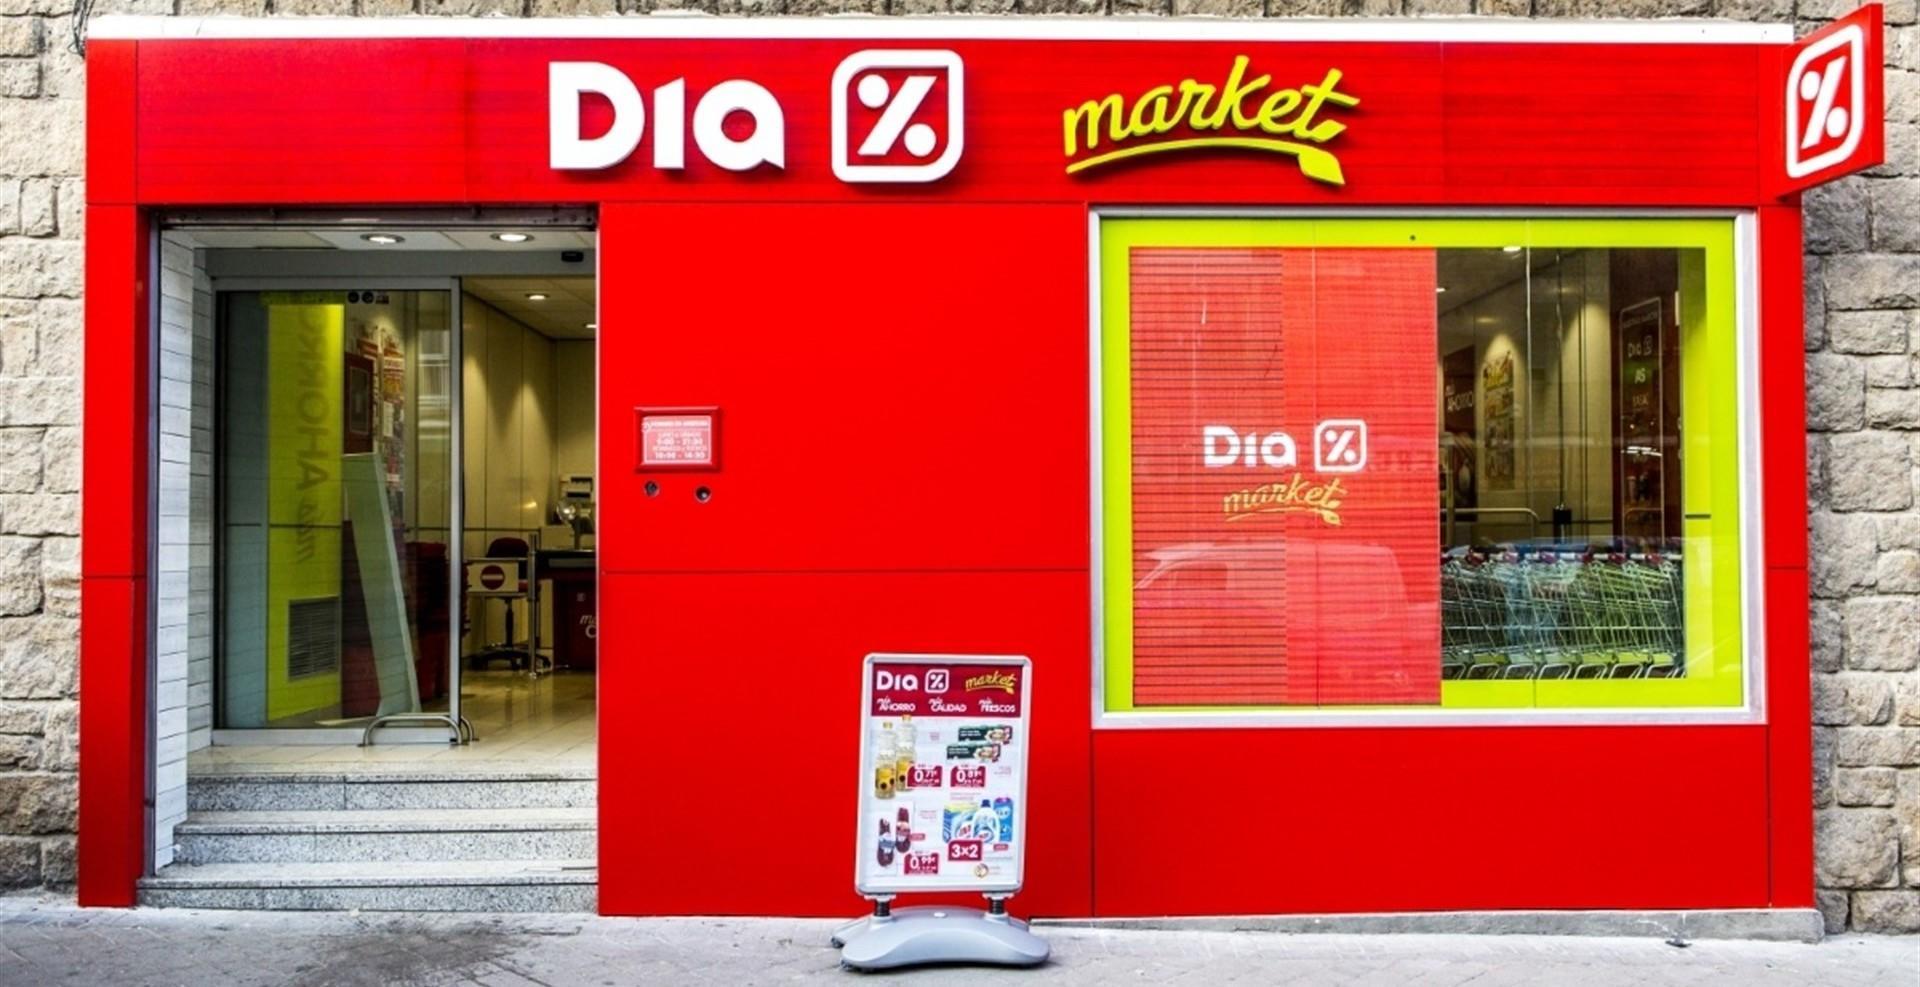 Supermercados 'DIA' se salva de la quiebra técnica y se dispara en Bolsa